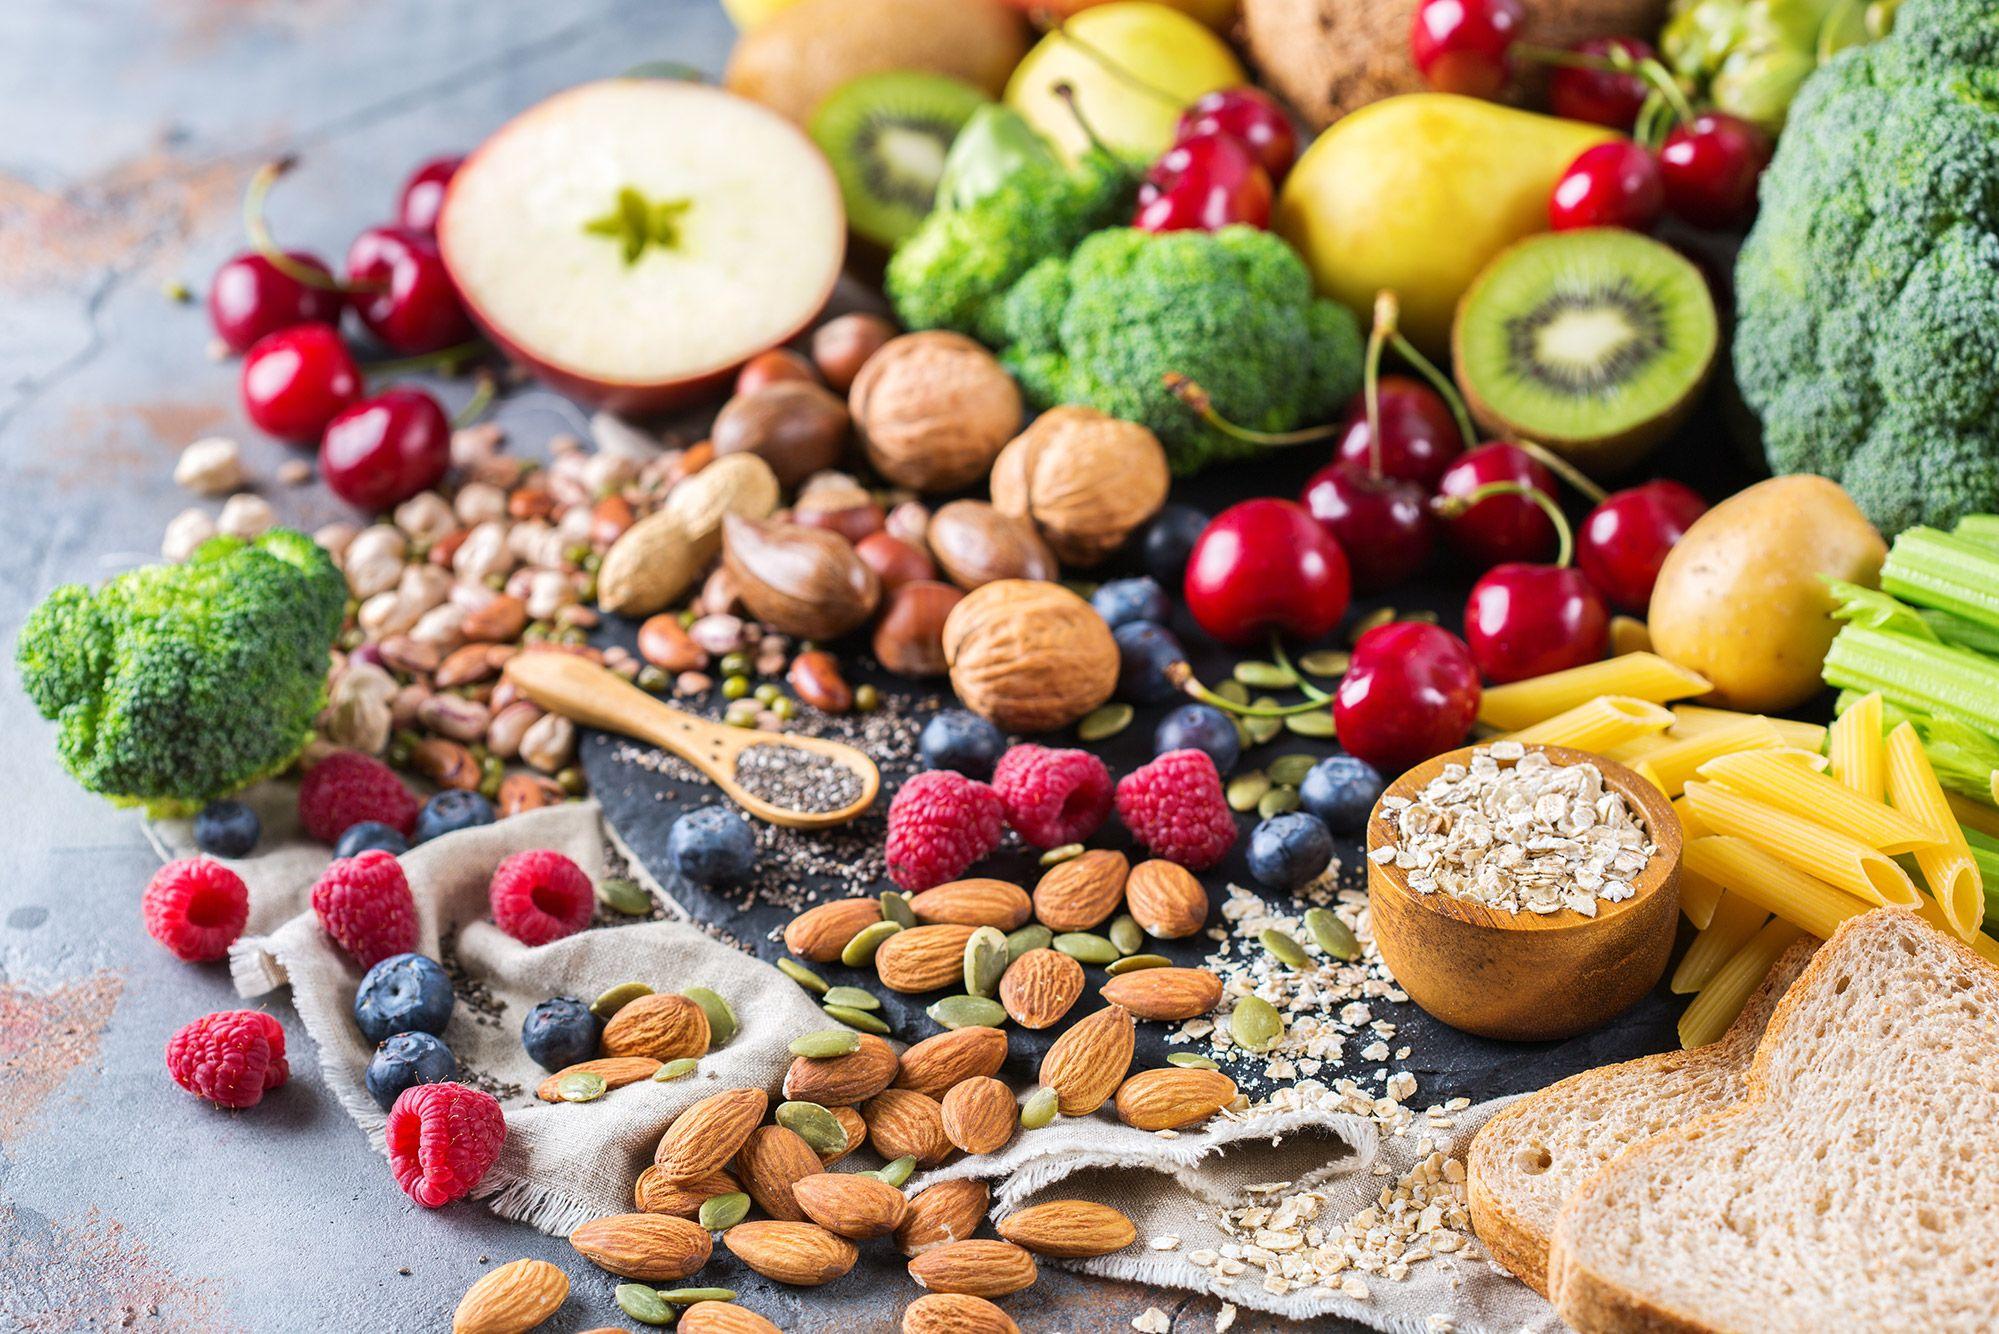 Vlaknine, prebava, hrana, bogata z vlakninami, vlaknine v hrani